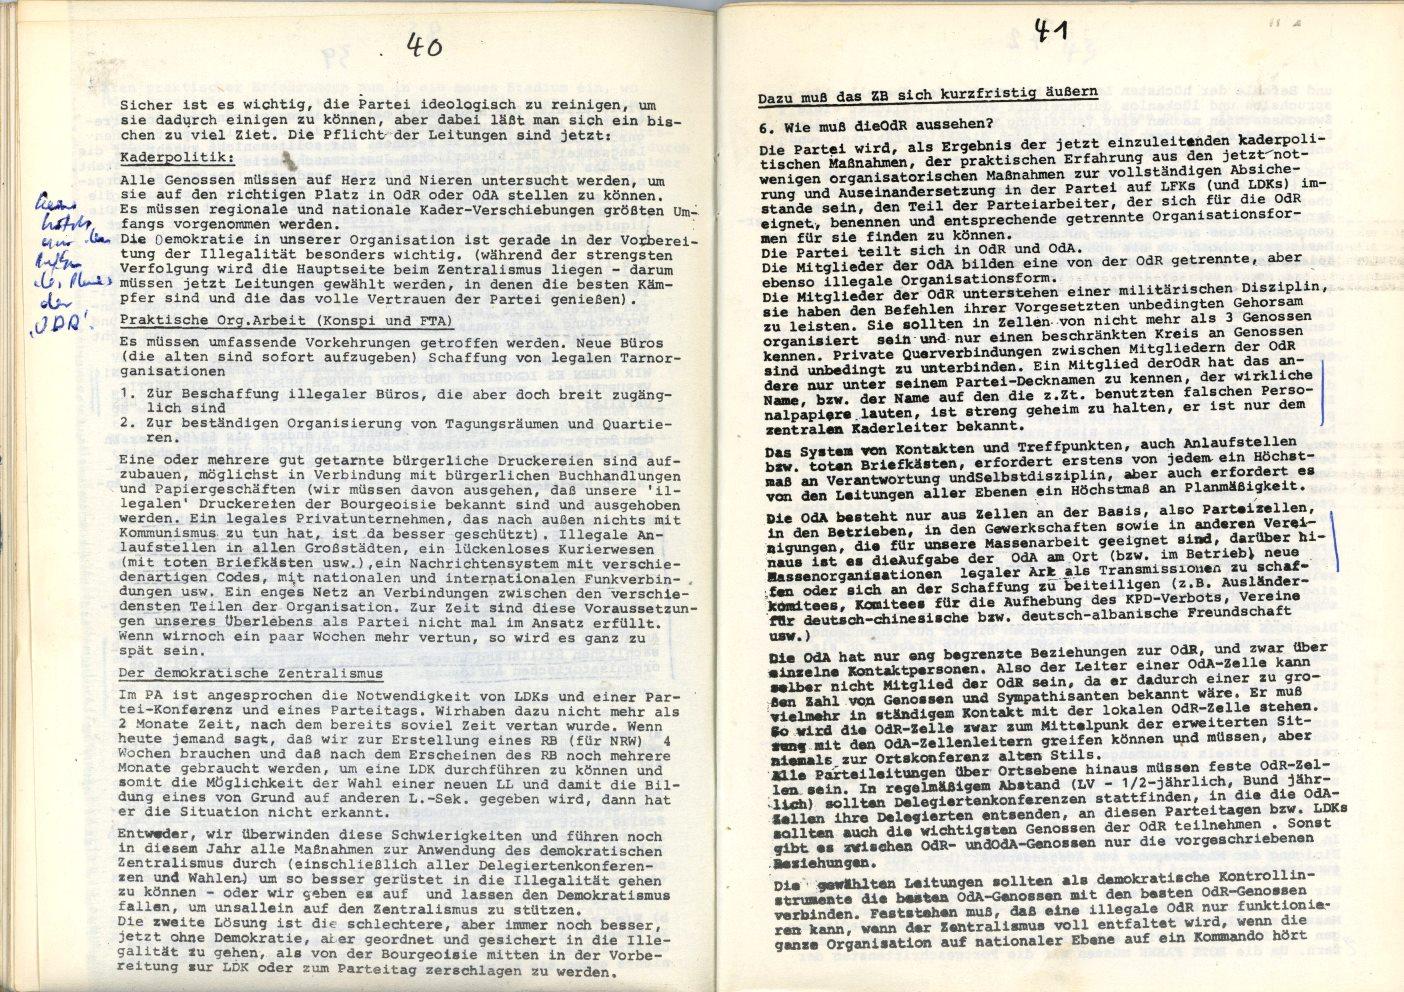 ZB_1972_Diskussionsorgan_zur_ersten_Parteikonferenz_23